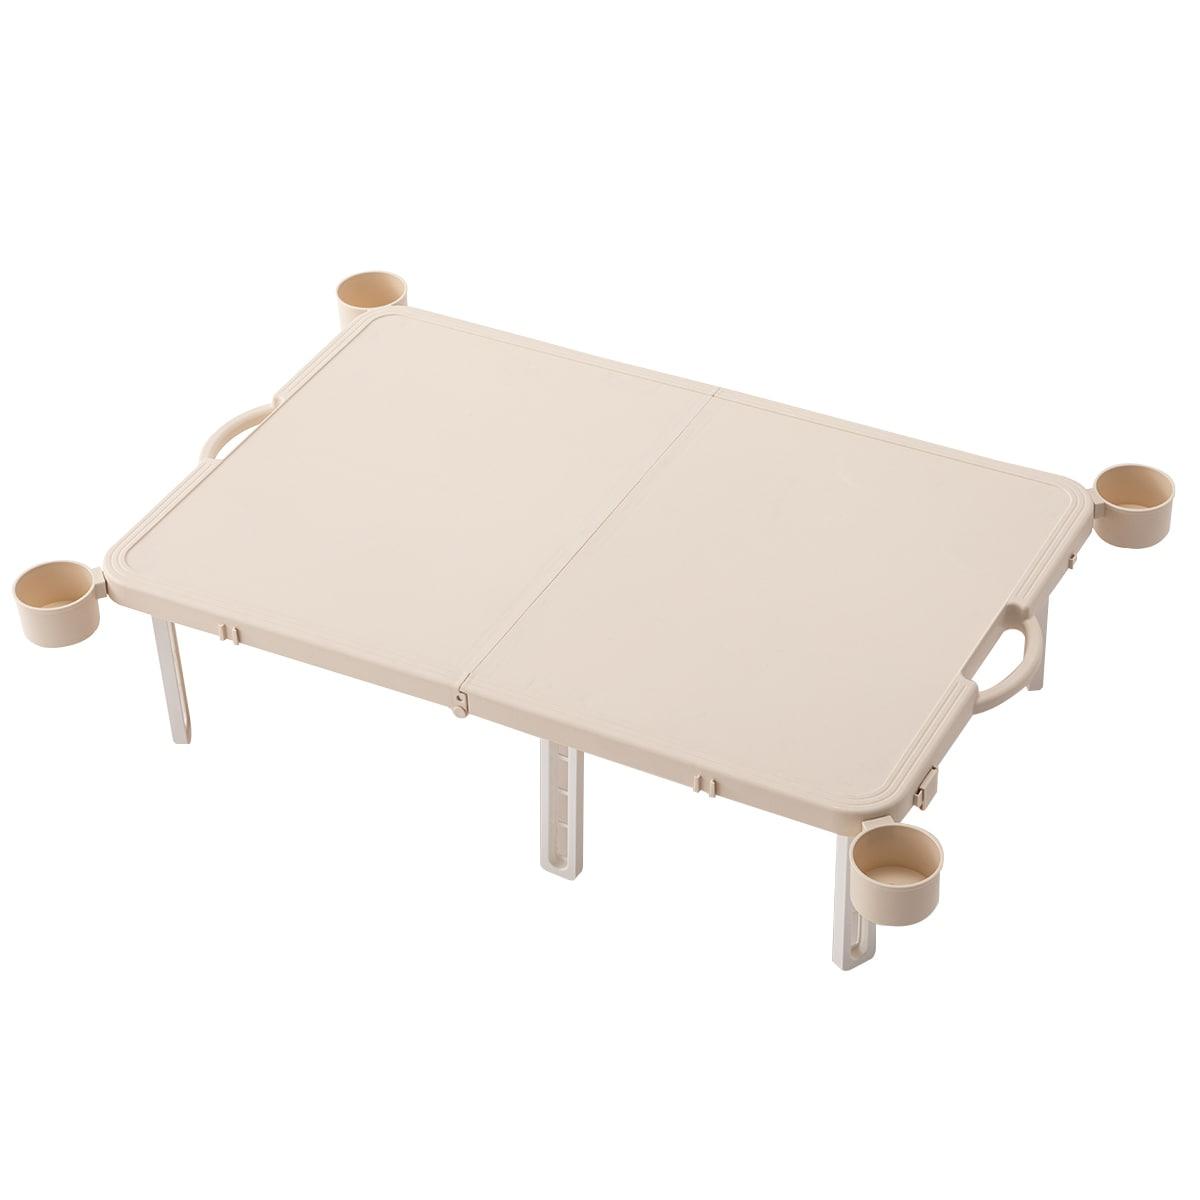 アウトドアテーブル ワイド IDA